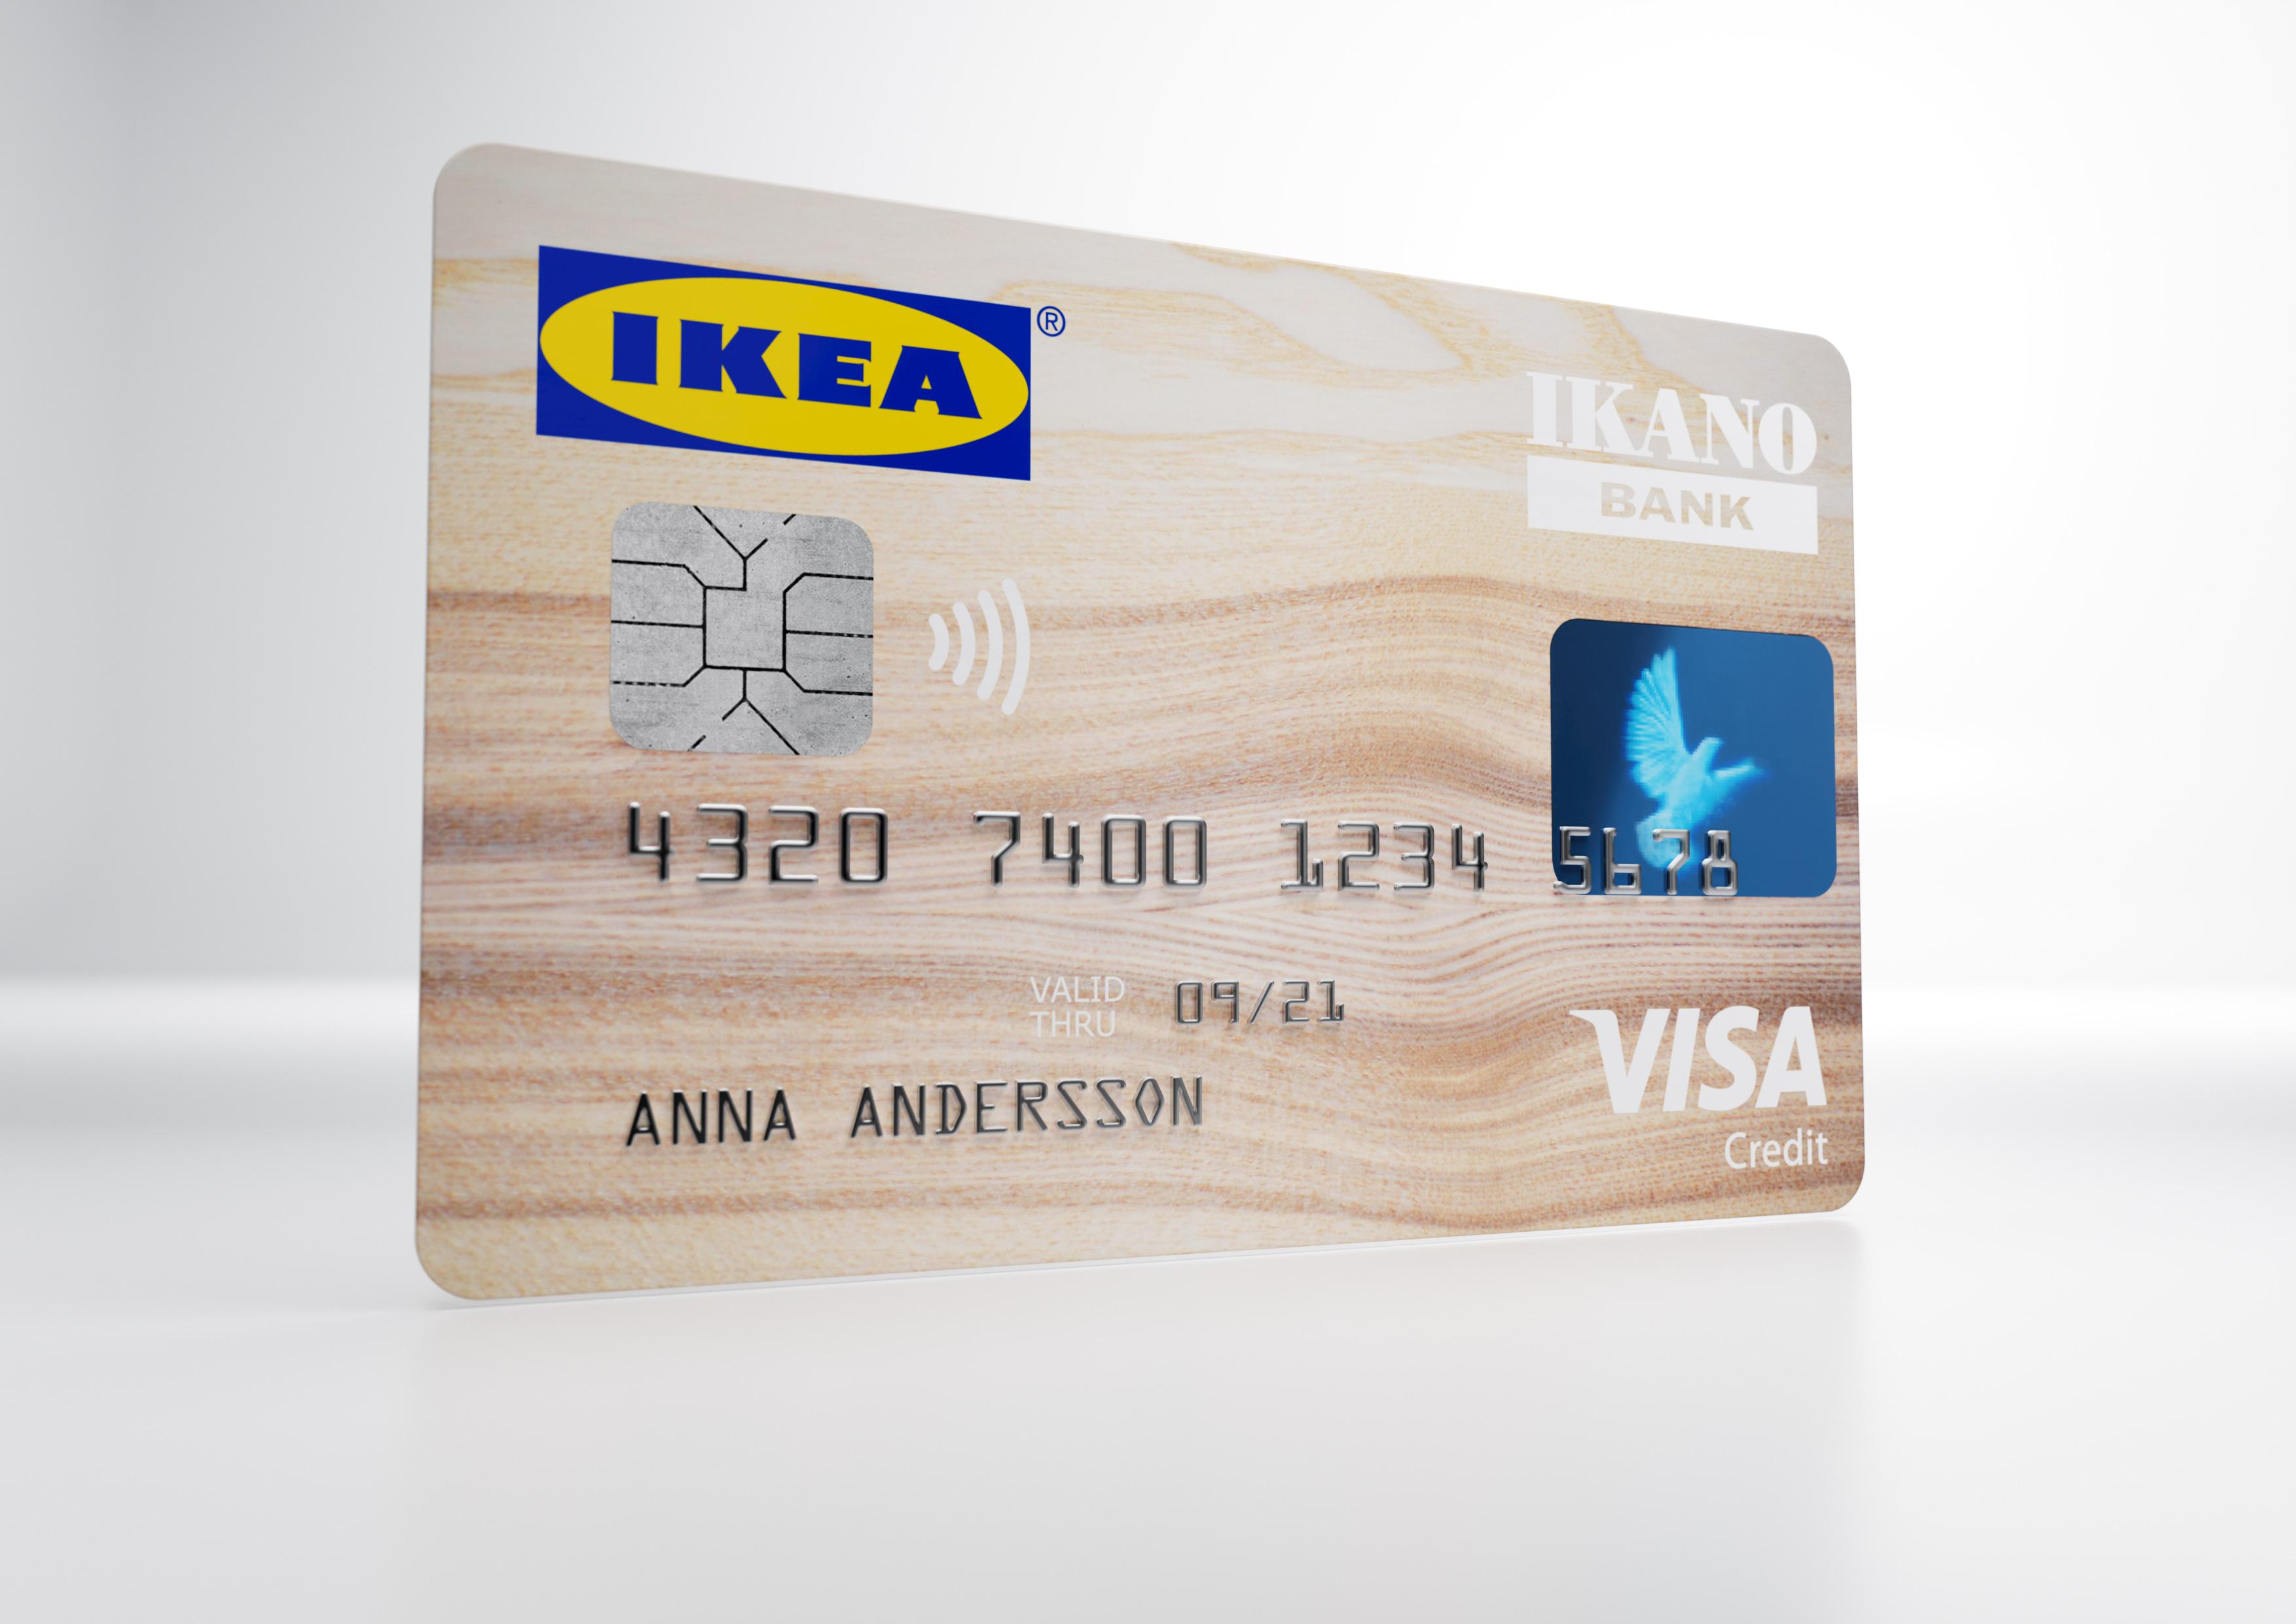 ikea bietet seinen kunden erstmals eine kreditkarte an presseportal. Black Bedroom Furniture Sets. Home Design Ideas